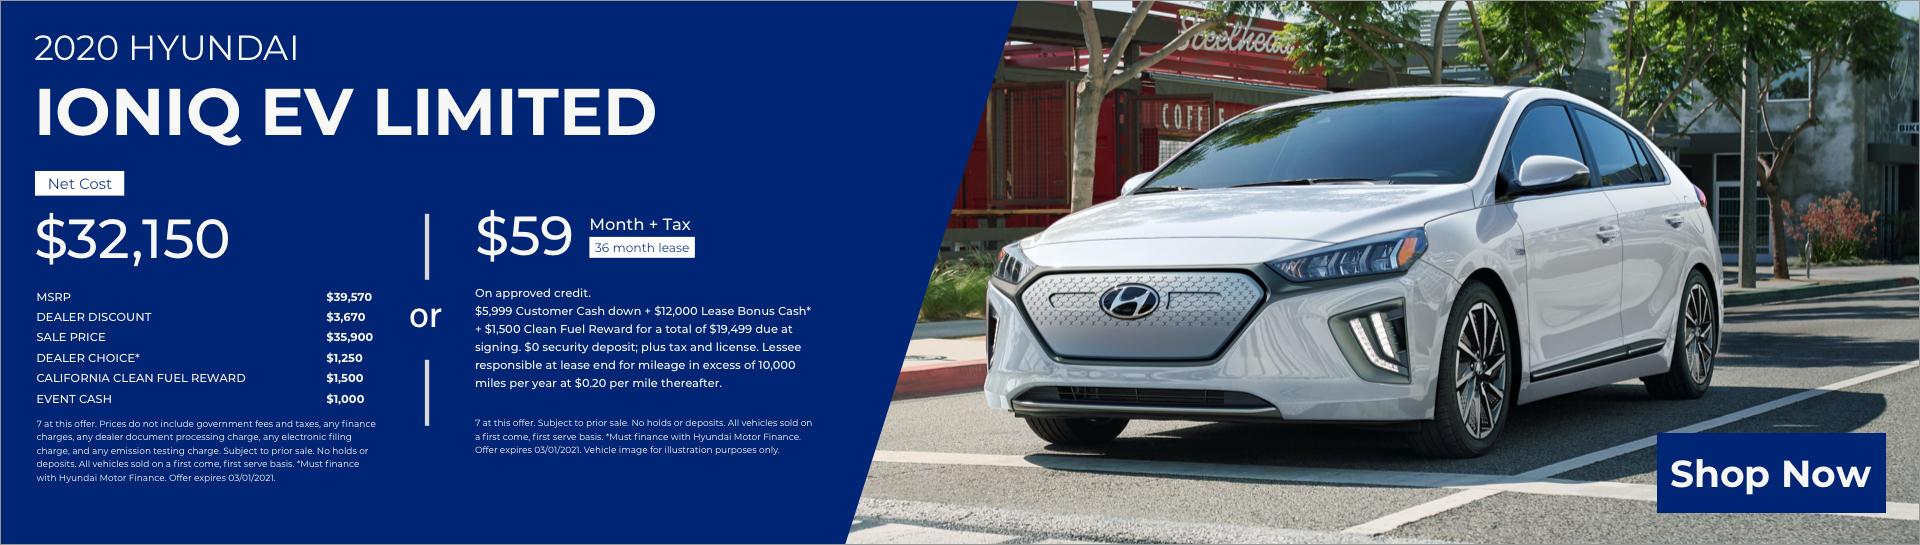 Feb 2020 Hyundai Ioniq EV